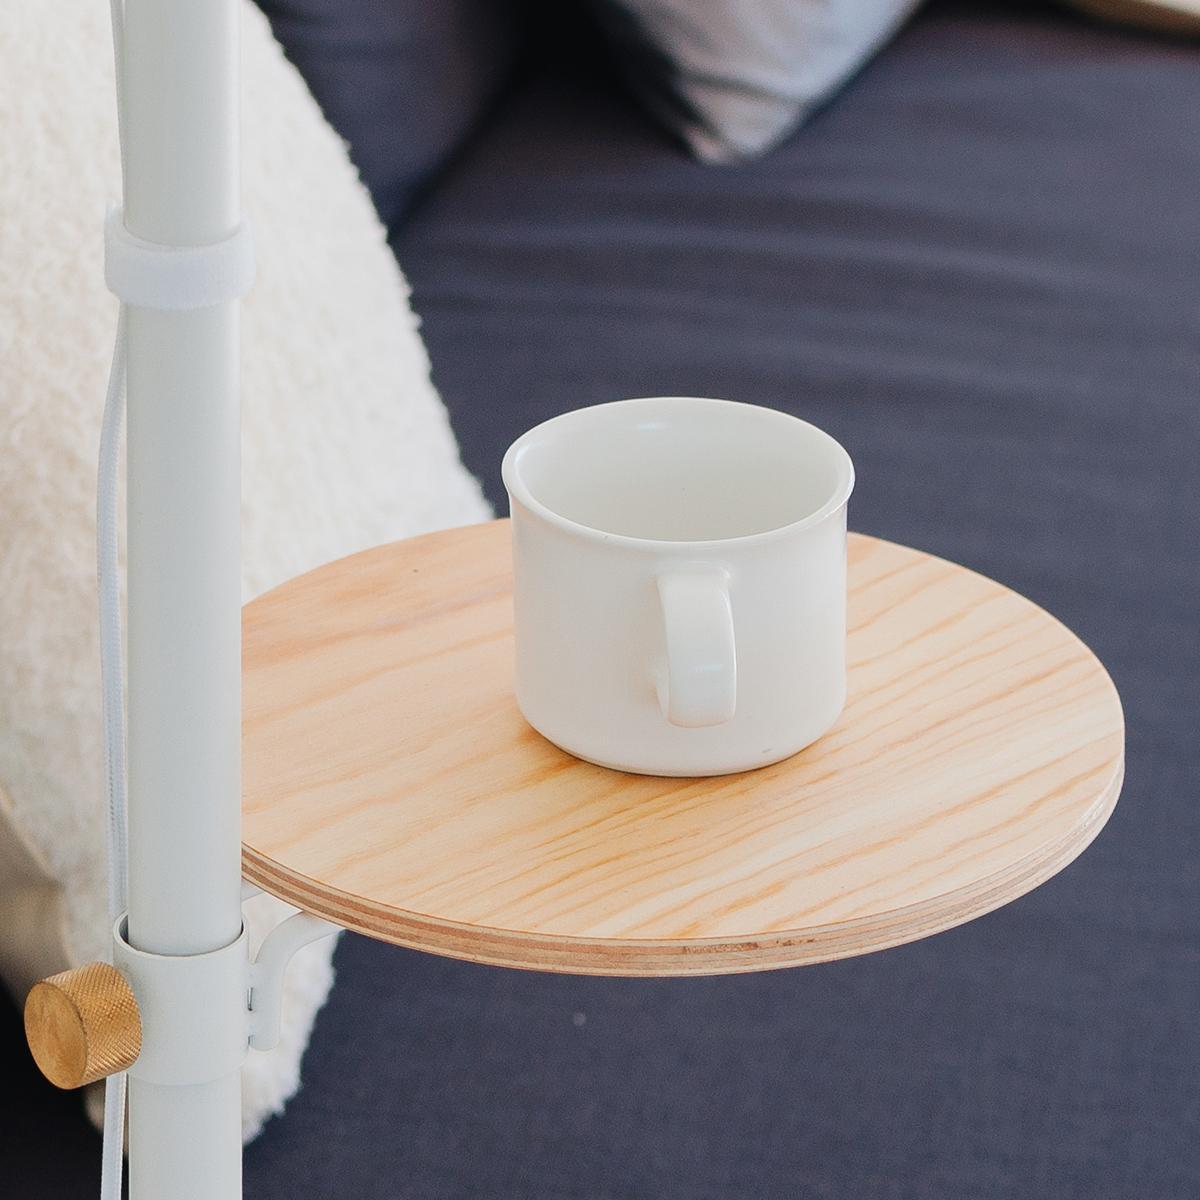 お気に入りのイスを置けば、読書や書き物、お茶をするのに重宝する「丸テーブル」。照明とテーブルがセットできる「つっぱり棒」|DRAW A LINE ランプシリーズ